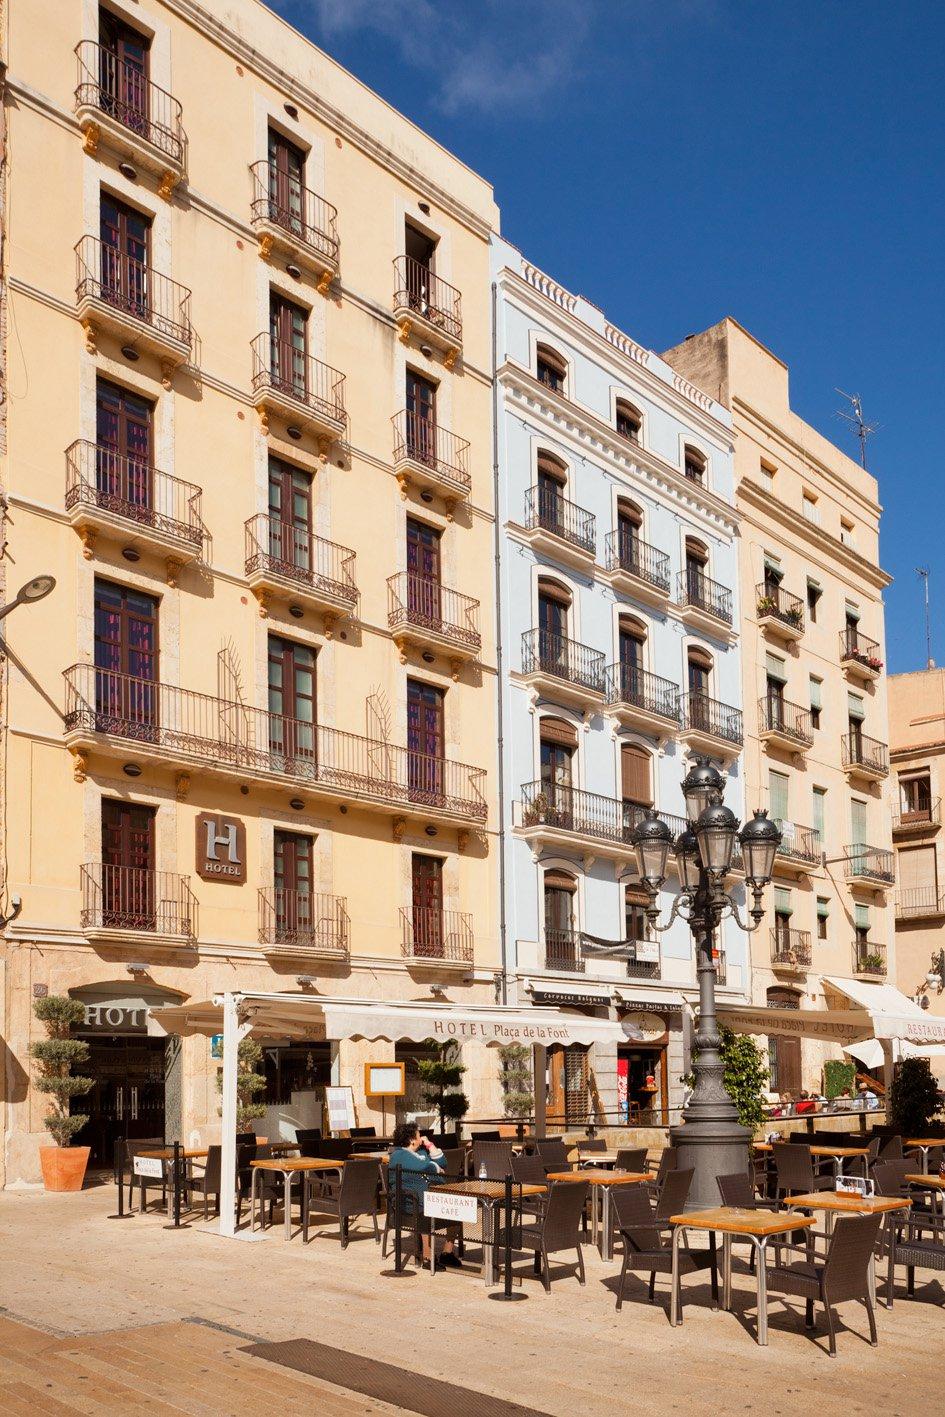 hotel_la_fontnombre_del_documento_12-68457708c5dba91b6d39e4e9d63057fb